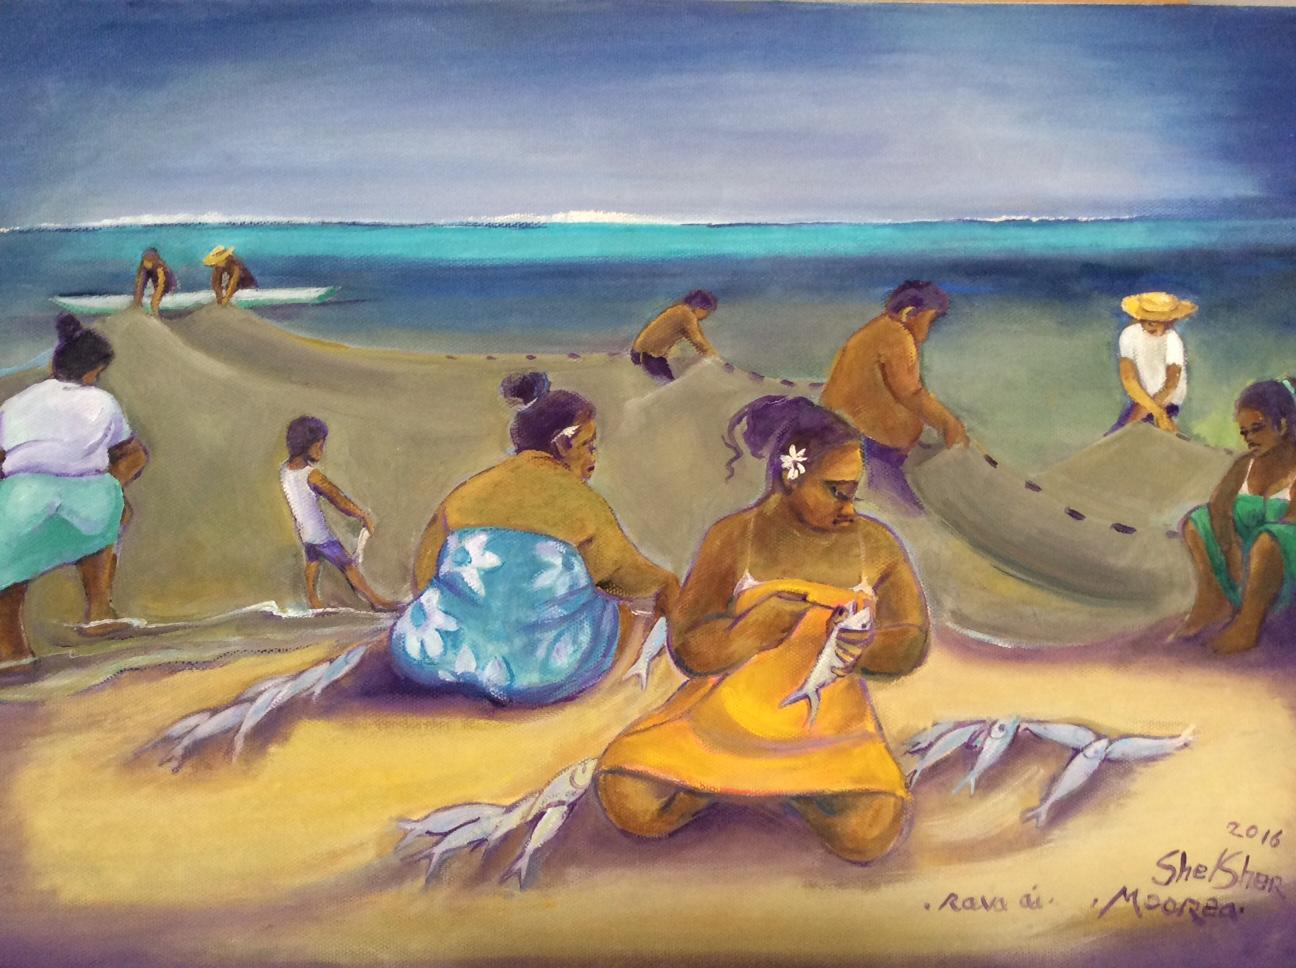 La peintre anglaise Jean Shelsher n'a de cesse de rendre hommage à Tahiti depuis son premier séjour en 1969.